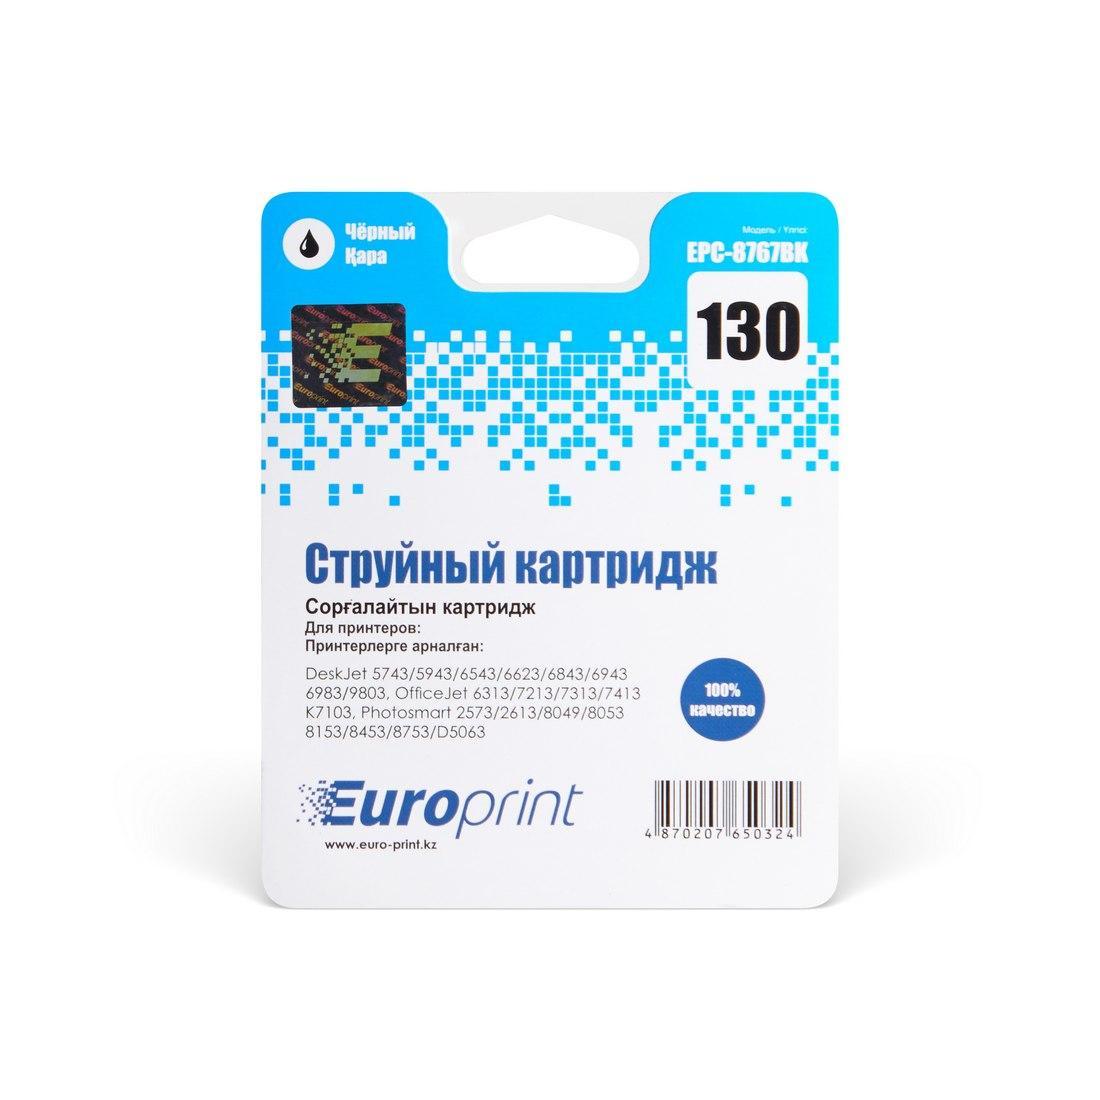 Картридж Europrint EPC-8767BK (№130)